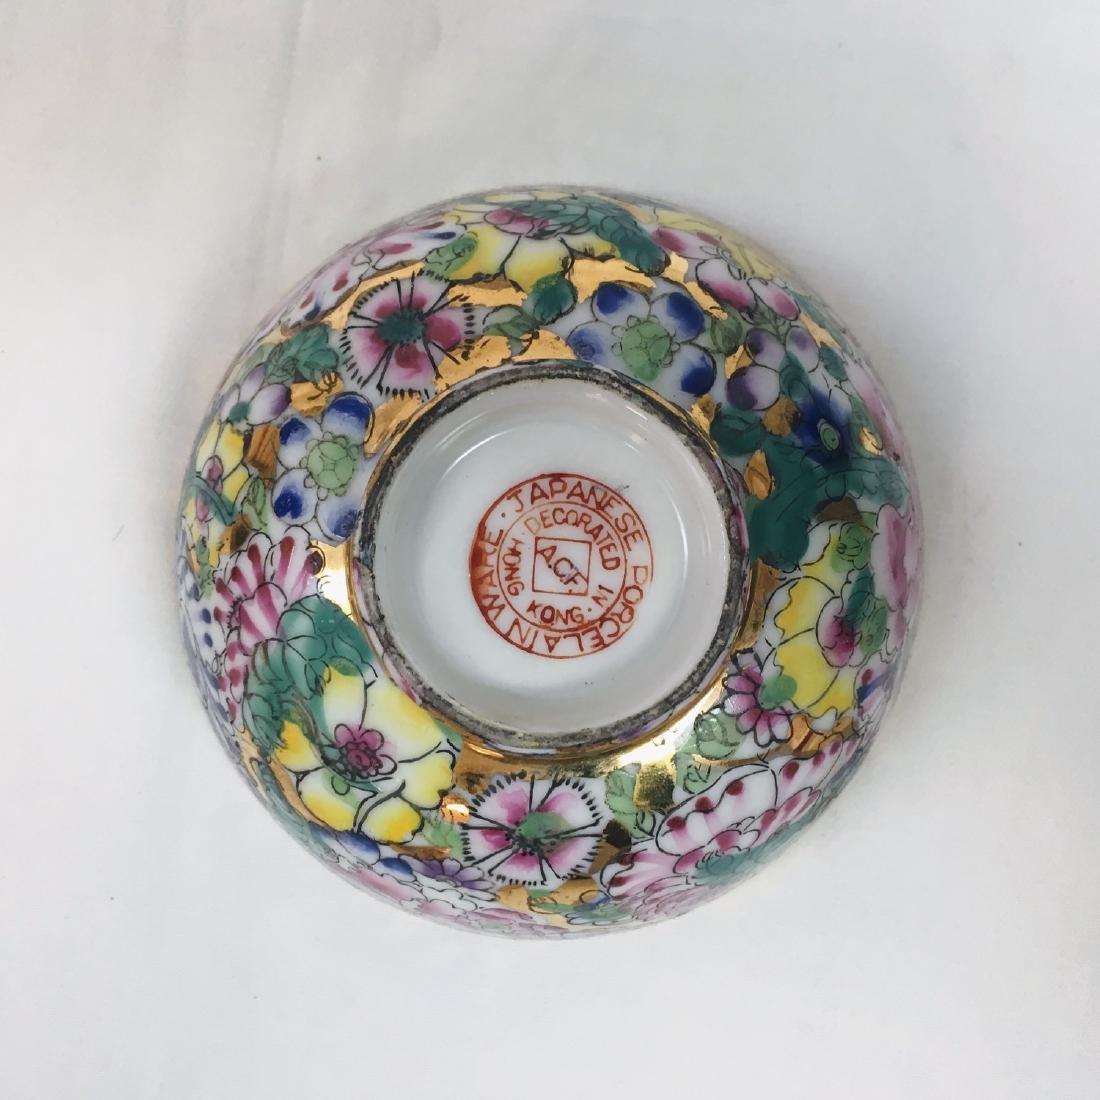 ACF Japanese Porcelain Ware Bowl Decorated Hong Kong - 3